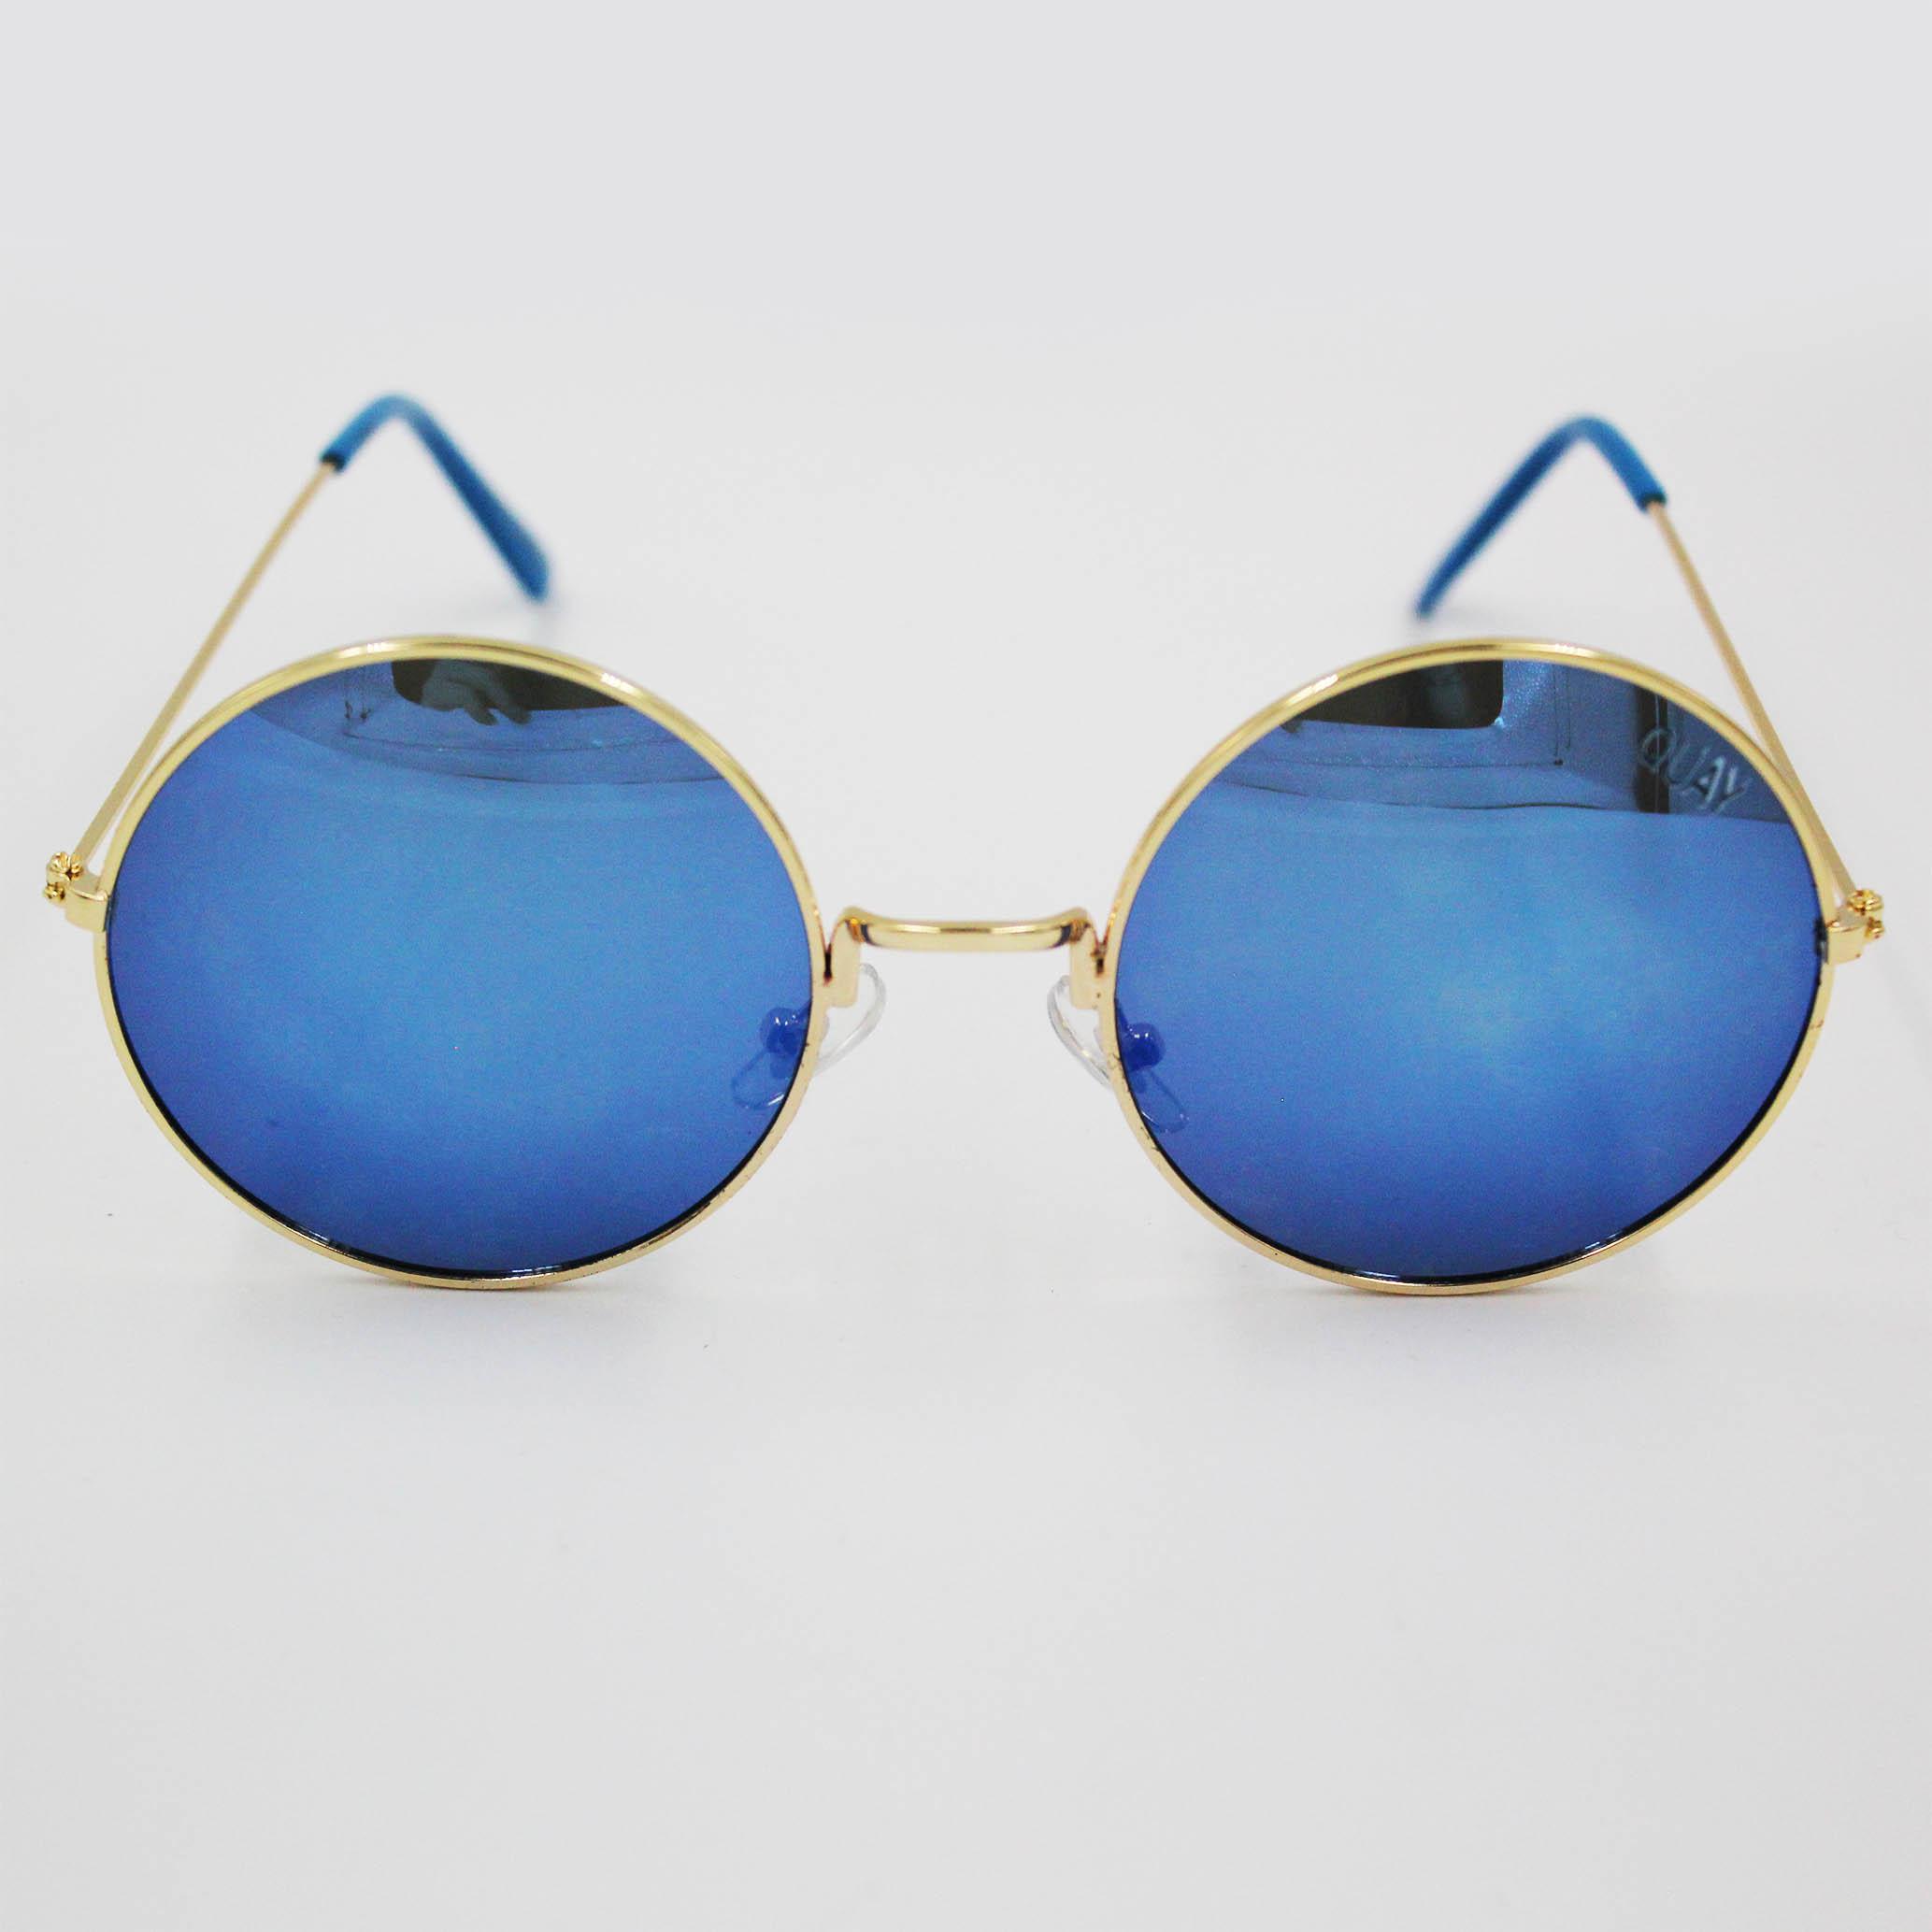 QUAY AUSTRALIA 3129 BLUE SUNGLASSES